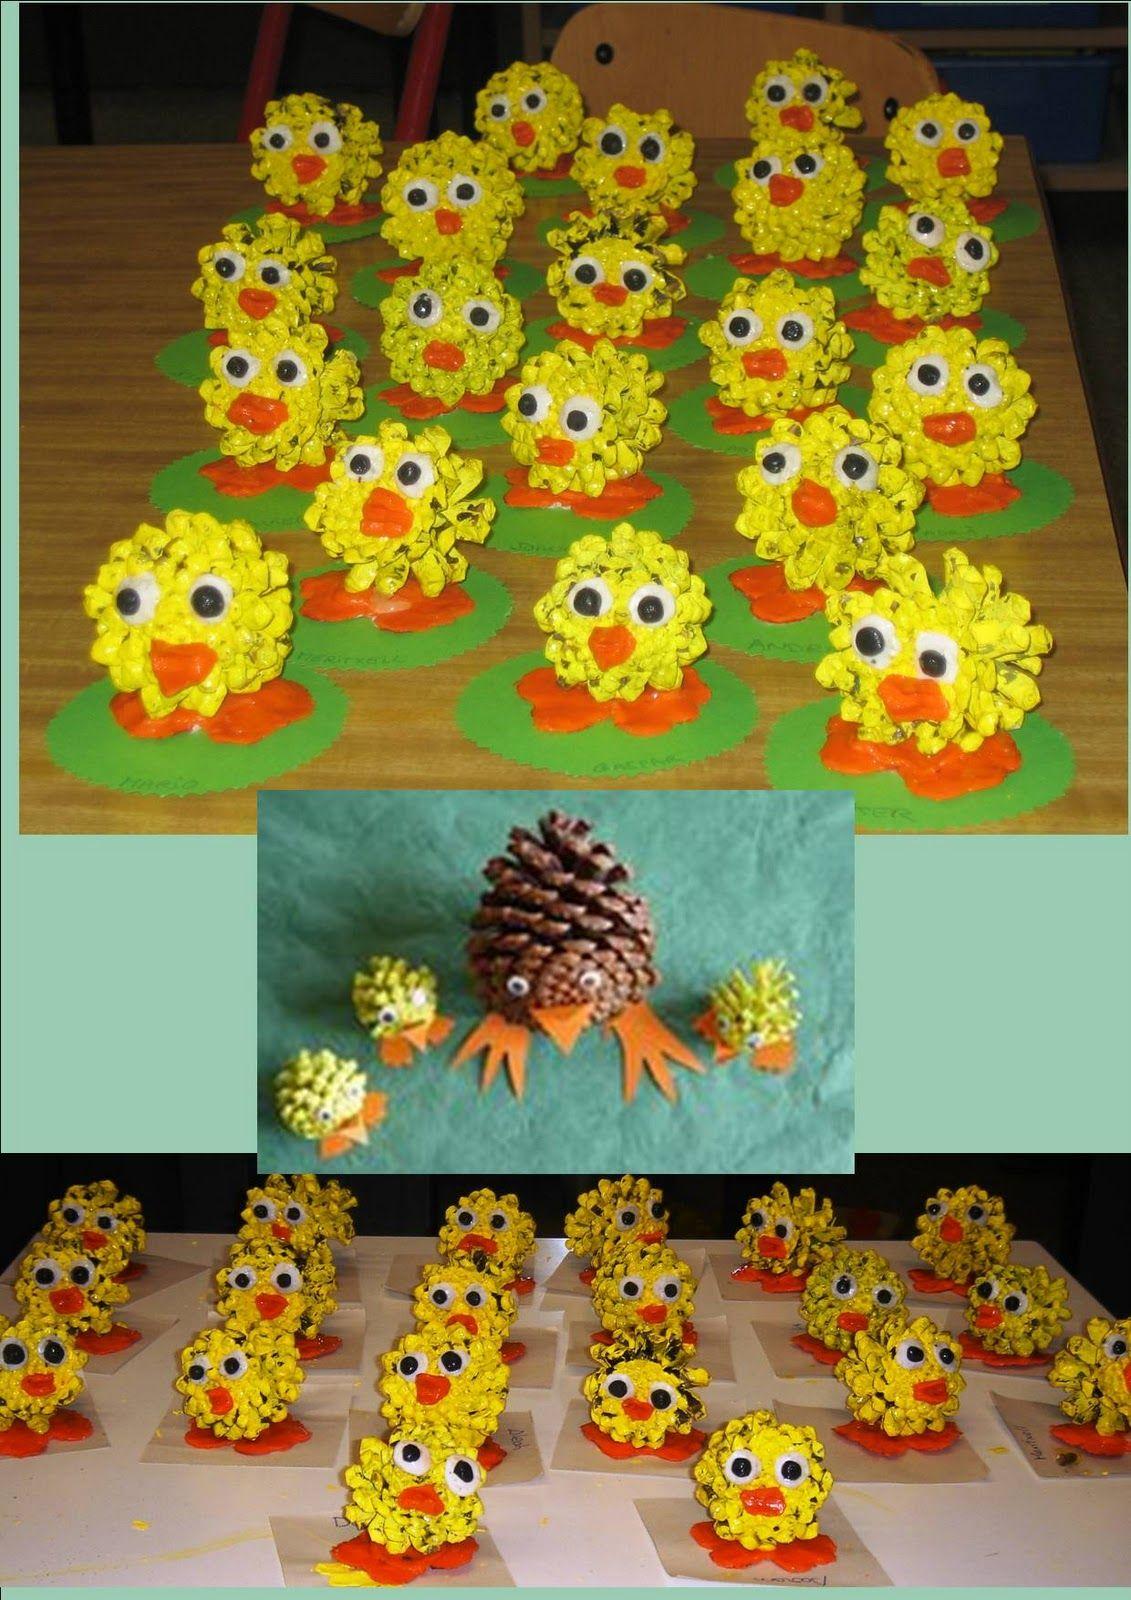 Pollets De Pasqua Fets Amb Pinyes